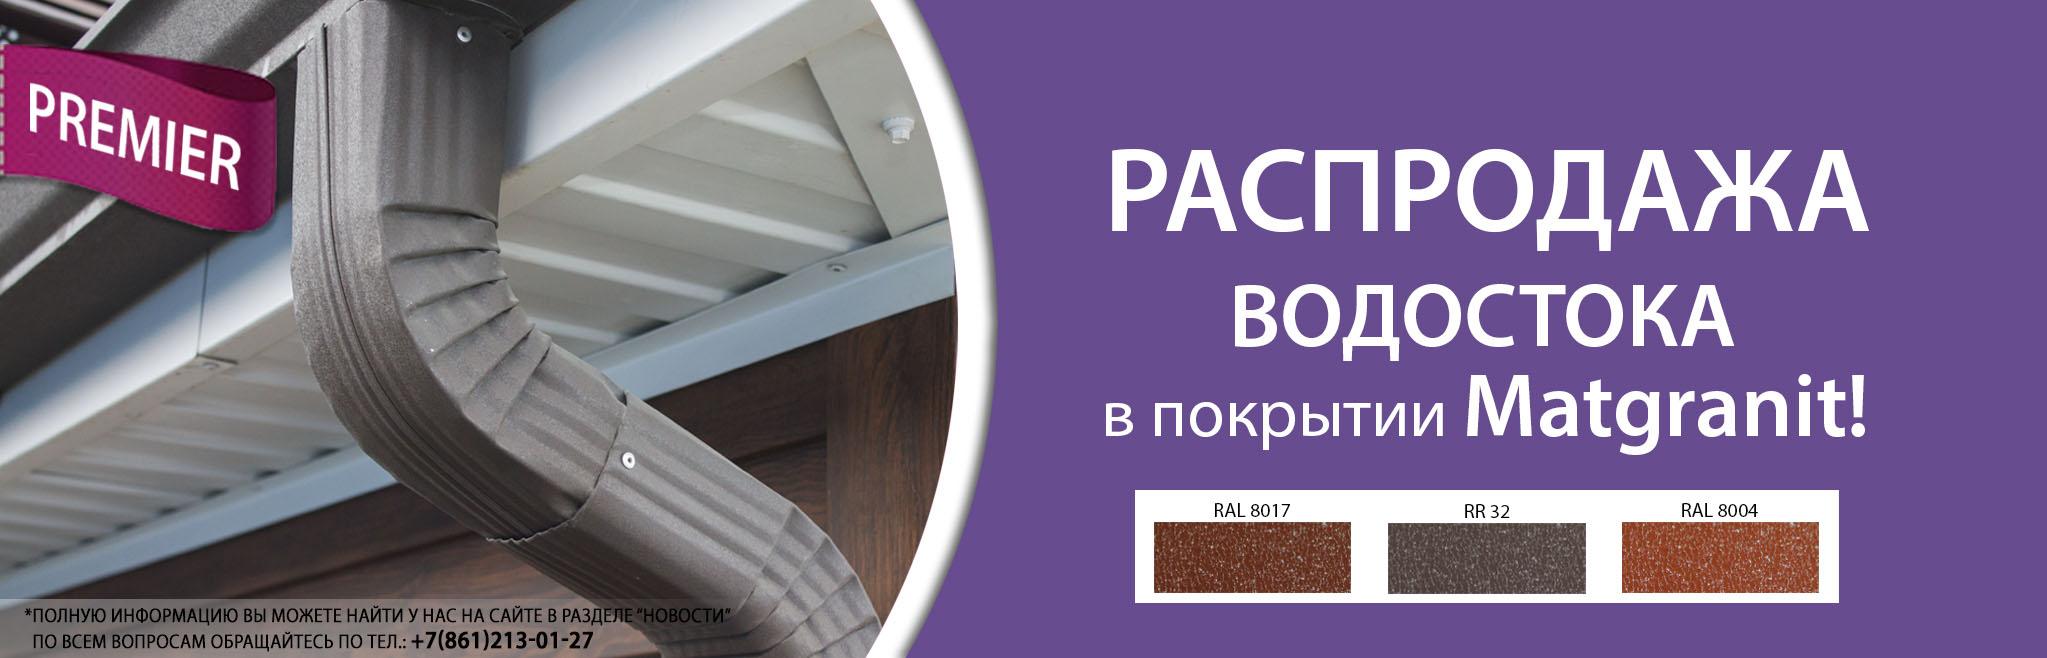 Водосток-Матгранит